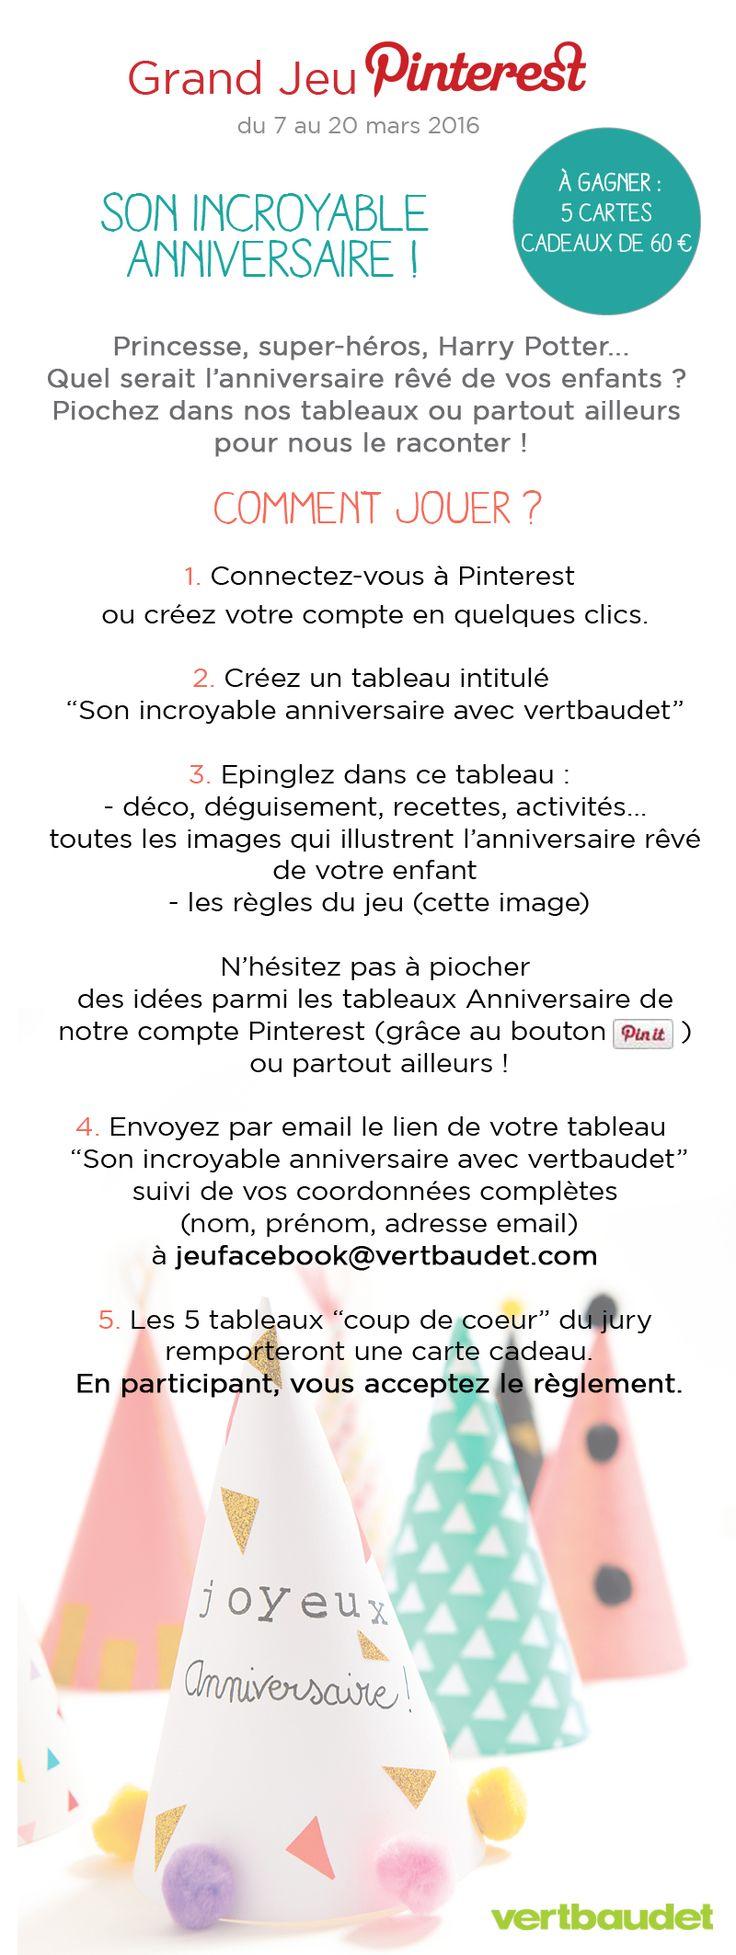 Jouez au #GrandJeu #SonIncroyableAnniversaire avec @vertbaudet et tentez de gagner 5 cartes cadeaux de 60€ ! P.S. : pensez à ré-épingler ces règles du jeu dans votre tableau ! Règlement : http://vbdt.fr/jeupinterestanniv